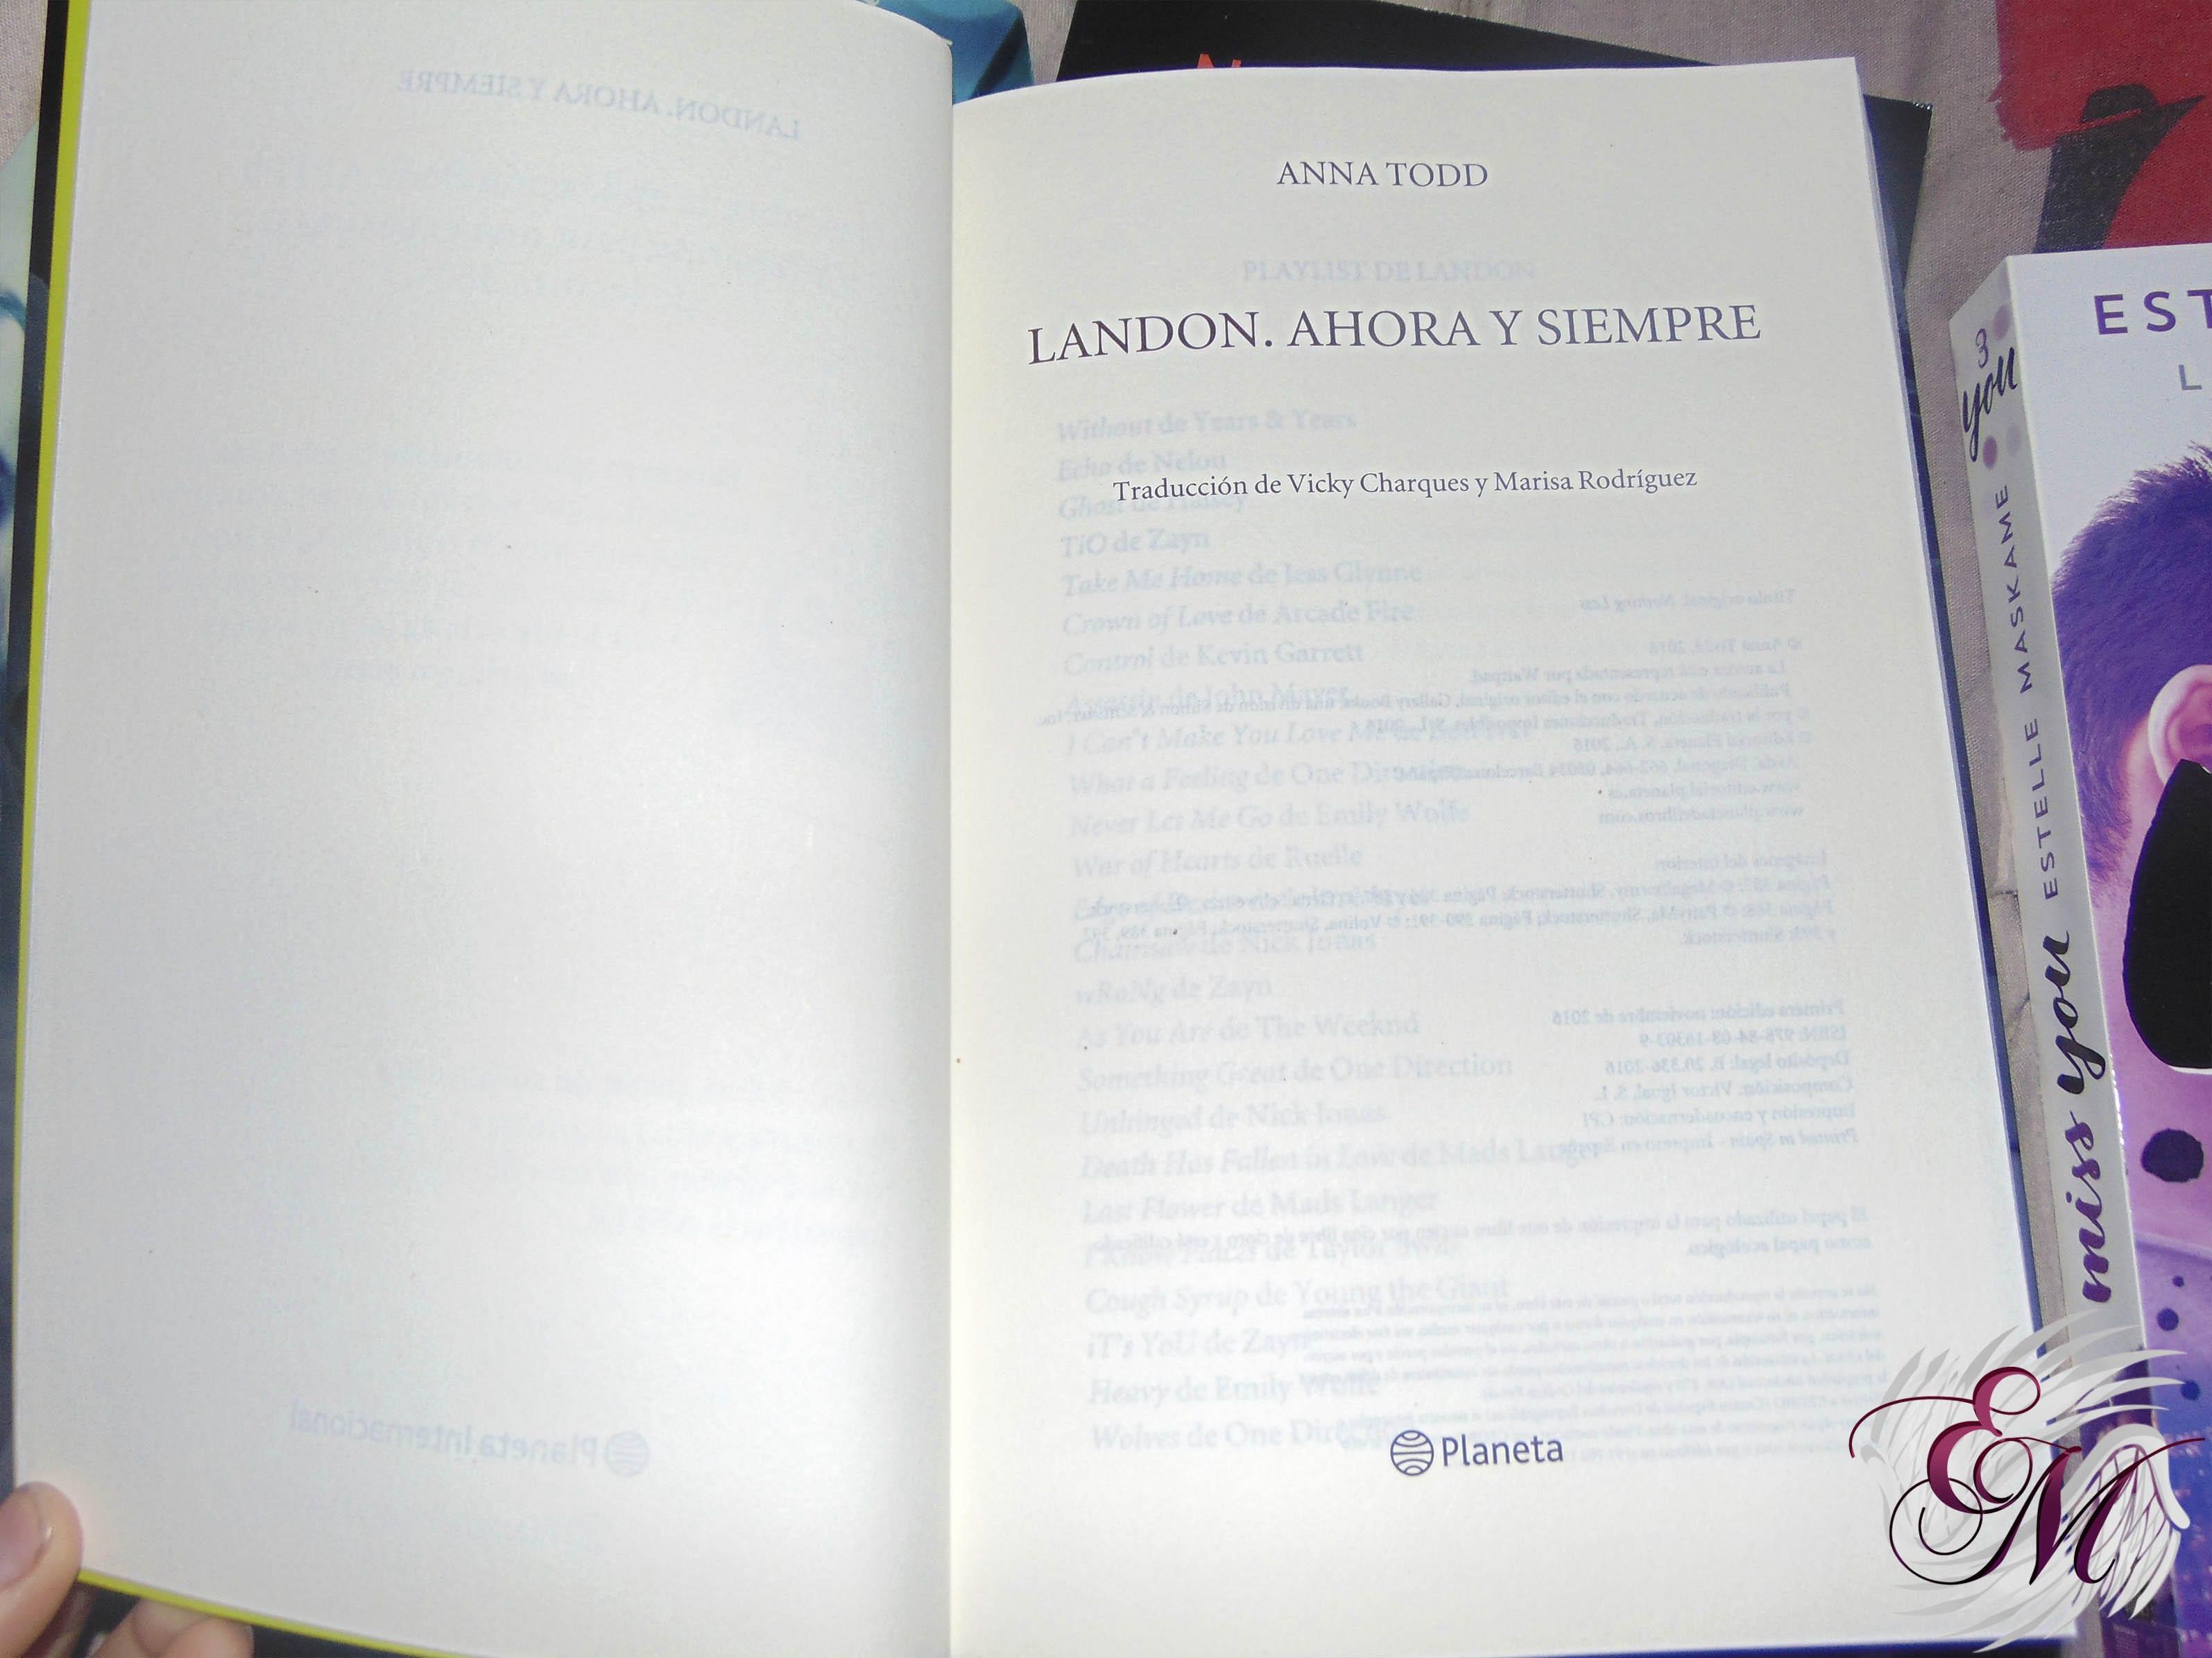 Landon ahora y siempre, de Anna Todd - Reseña